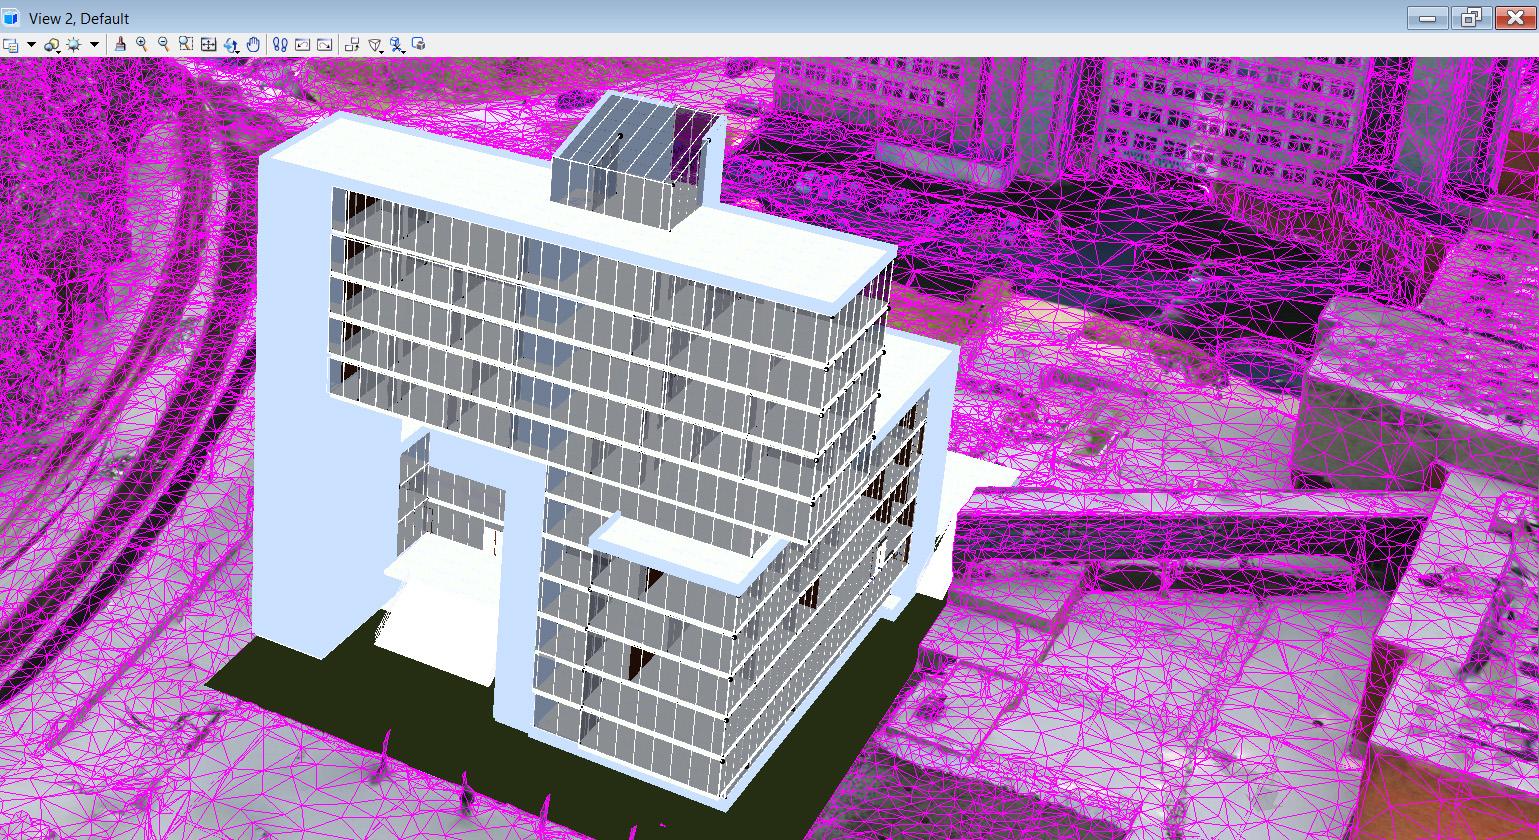 Modelį galima papildyti naujais statiniais | VGTU nuotr.